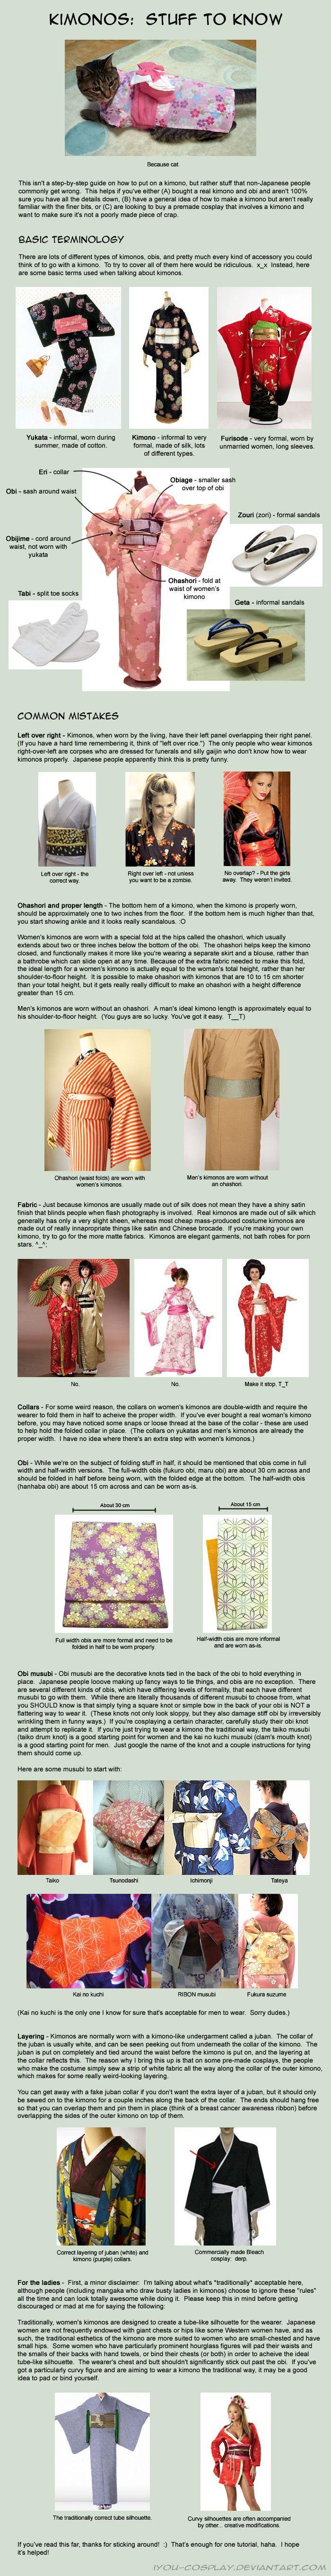 die besten 25 orientalische kleidung ideen auf pinterest asiatische sch nheit hosen tiefem. Black Bedroom Furniture Sets. Home Design Ideas